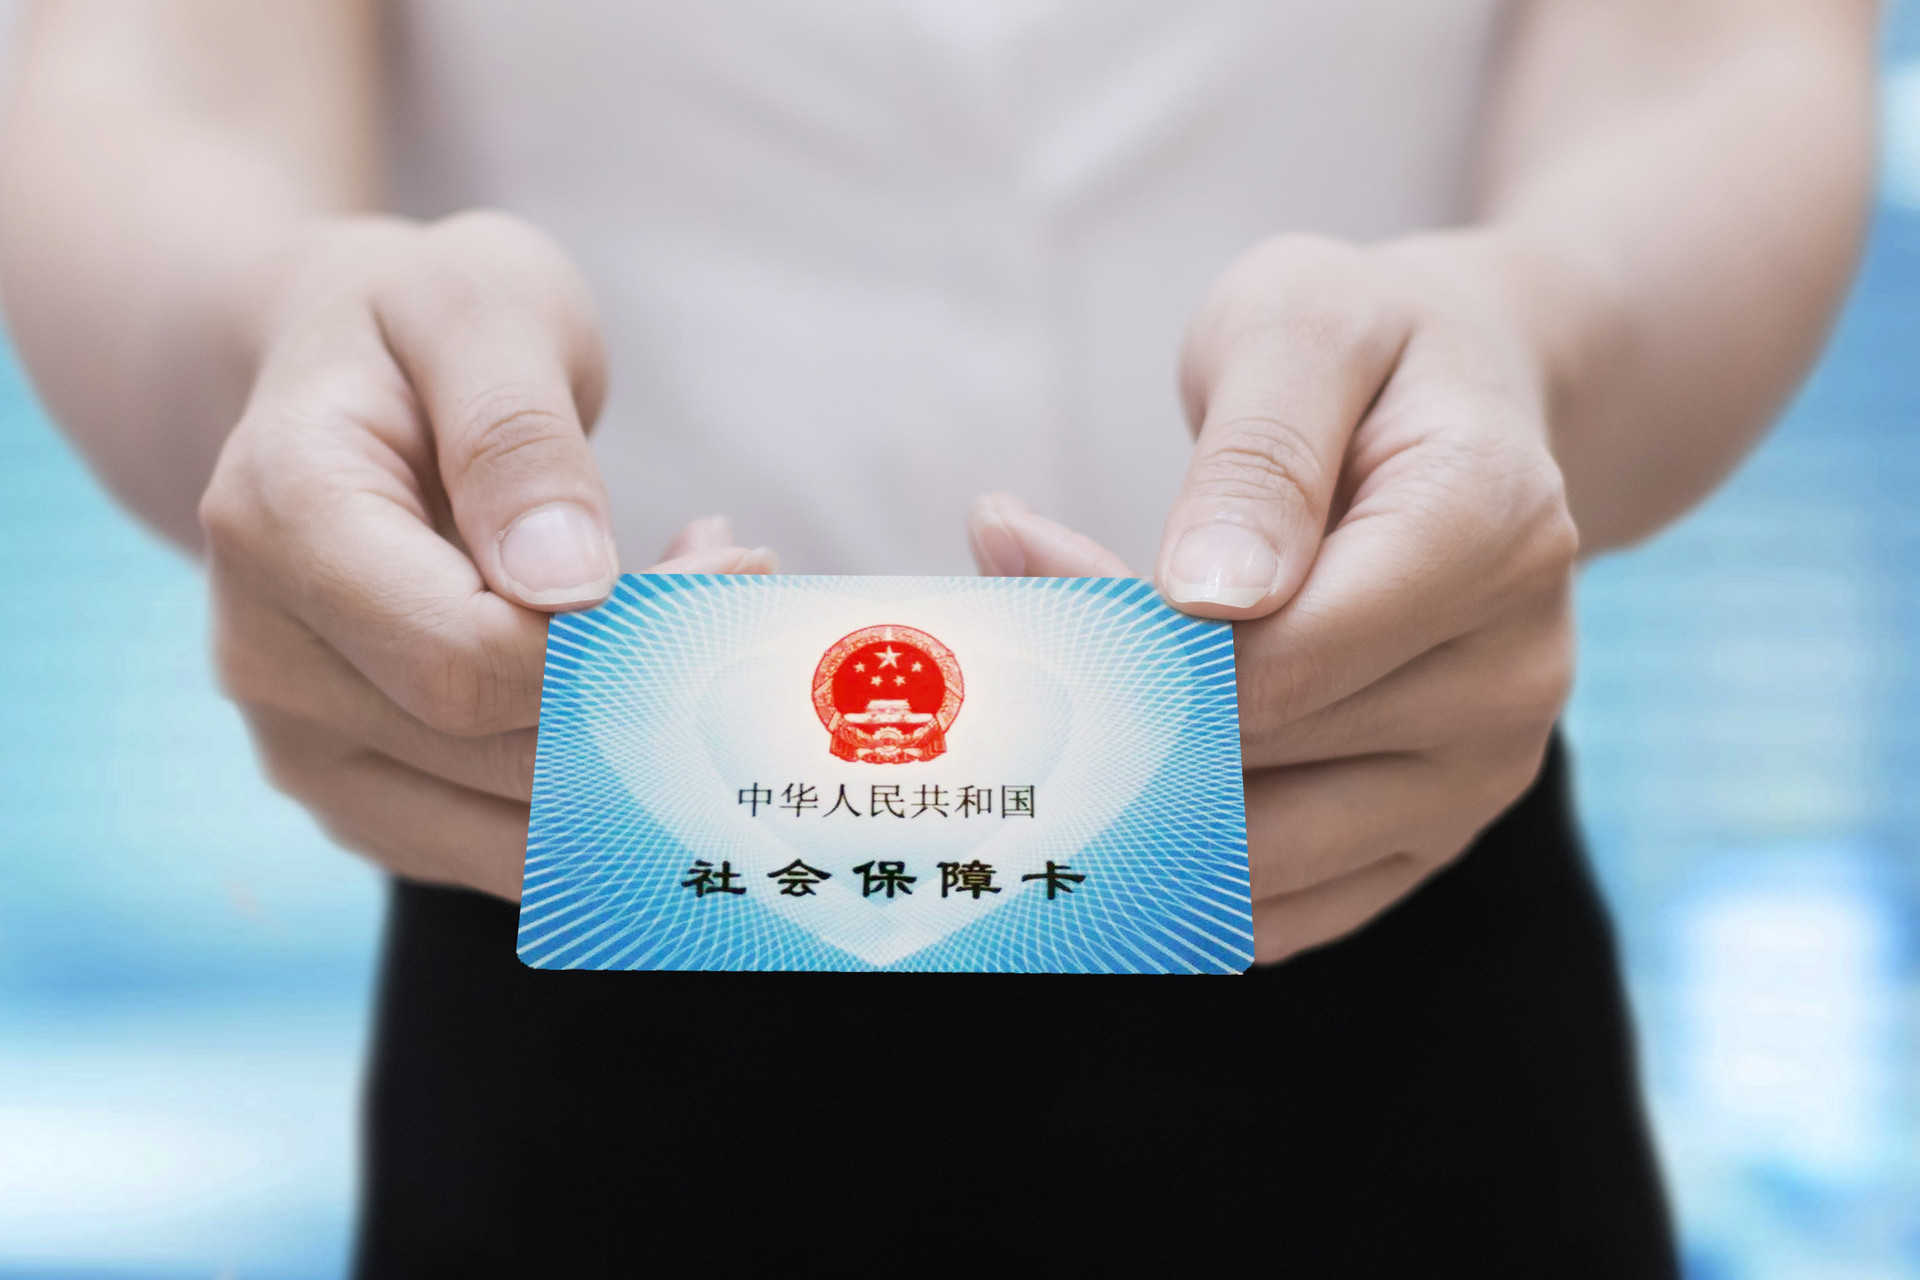 壹人事-热门文章